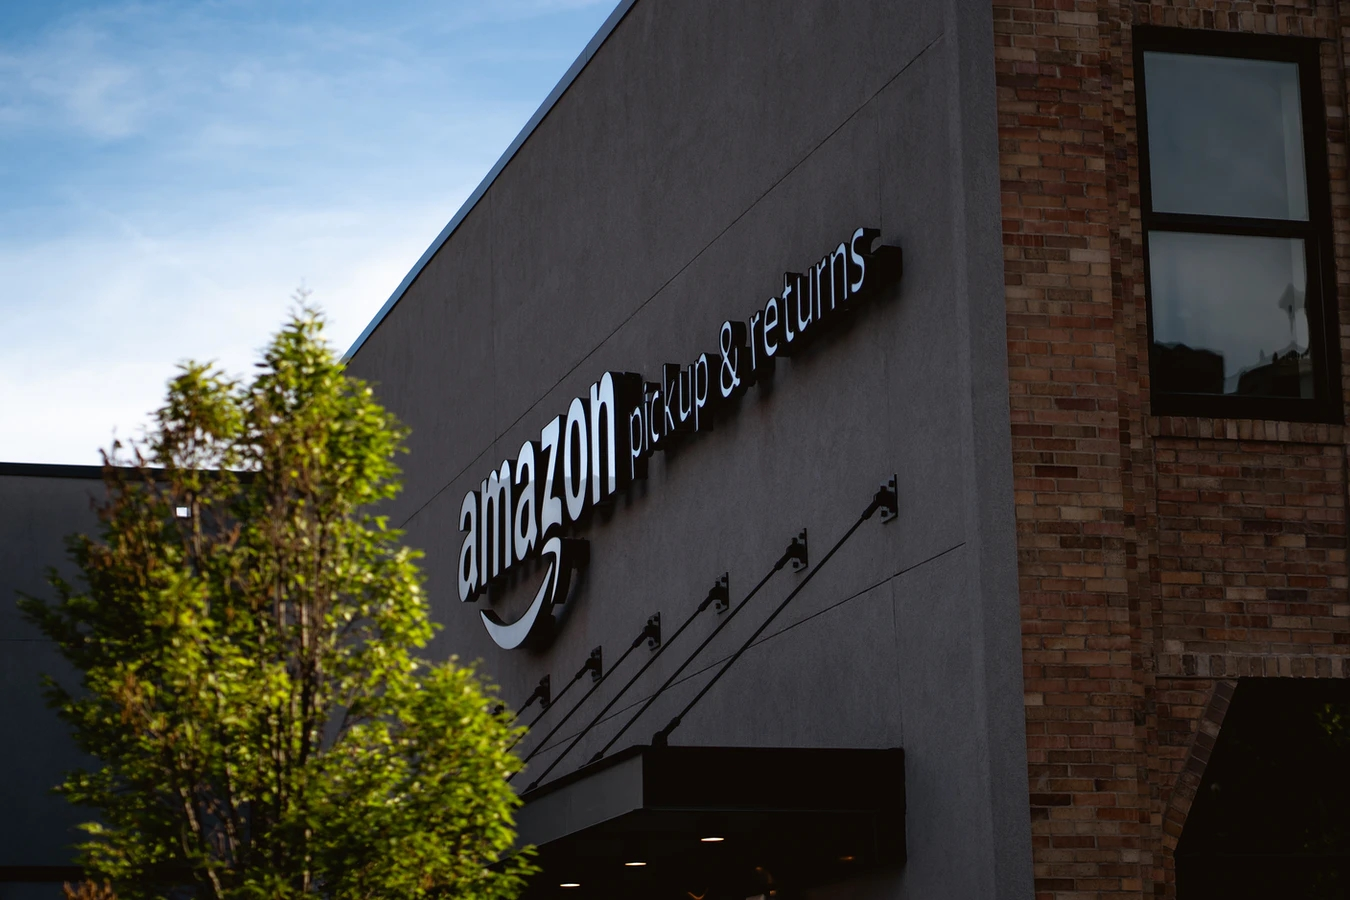 Amazon armazem